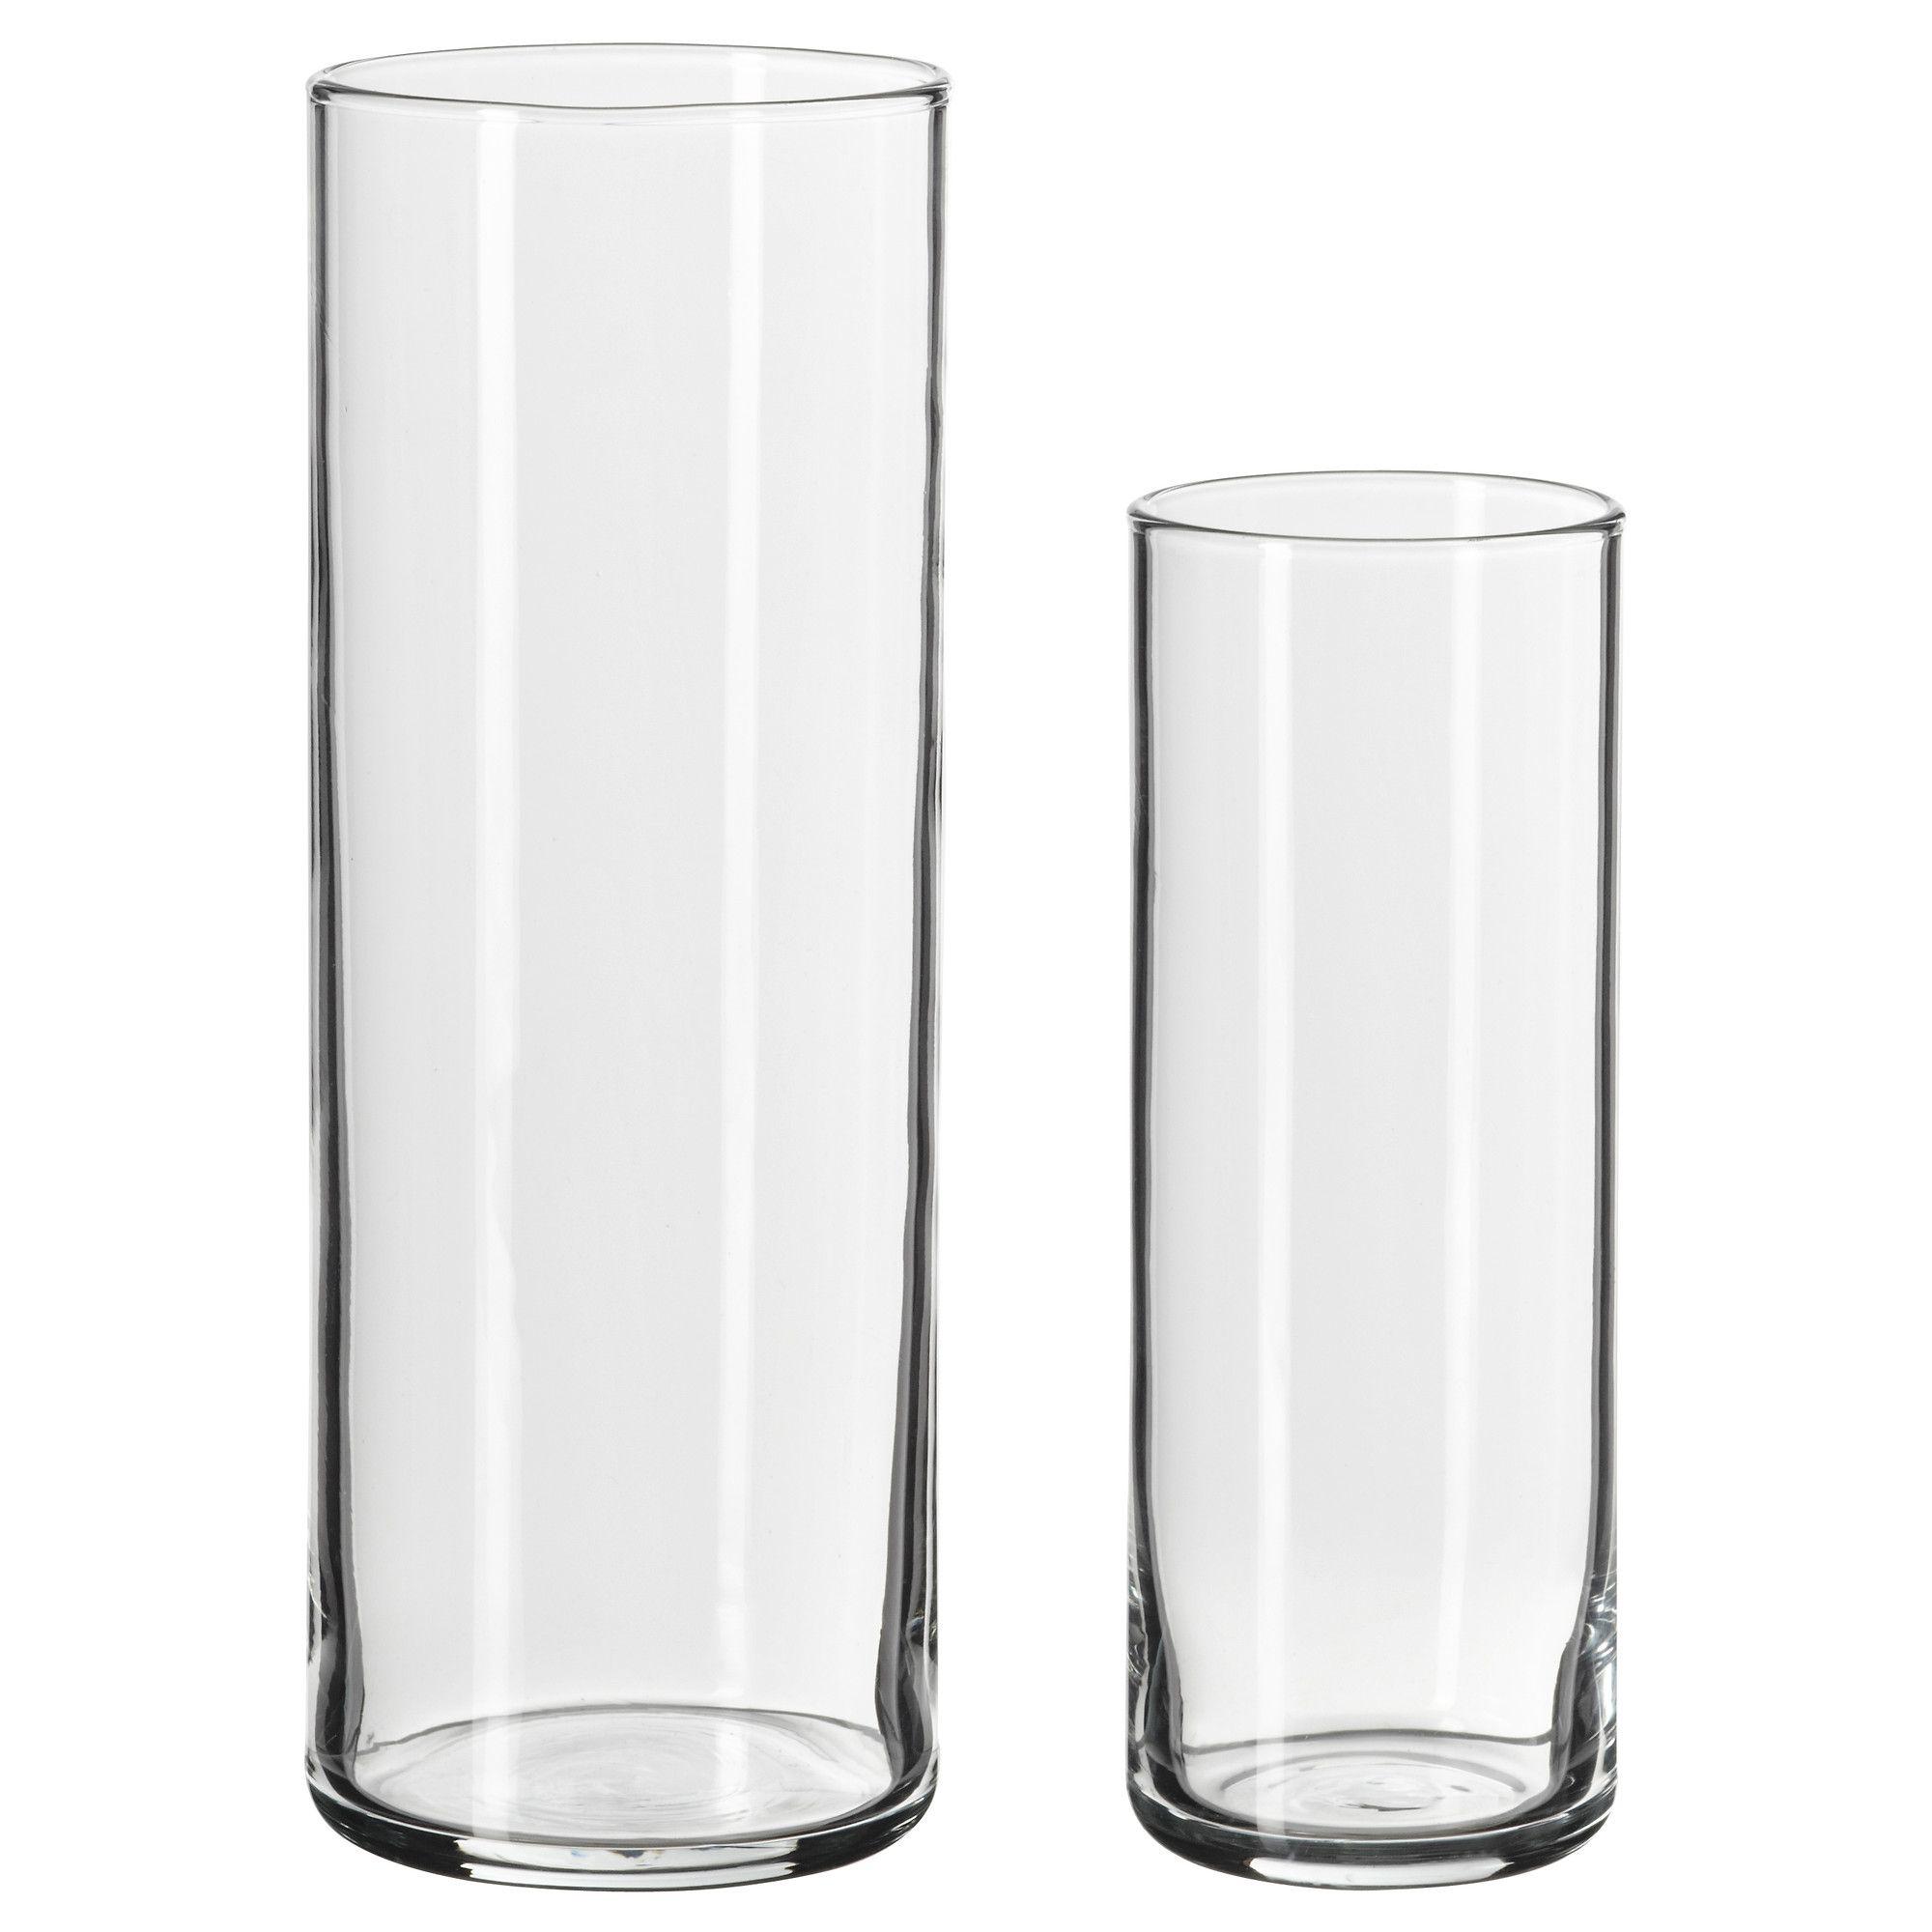 Design Ikea Vases cylinder vase set of 2 ikea 4pounds dream flat decor 4pounds